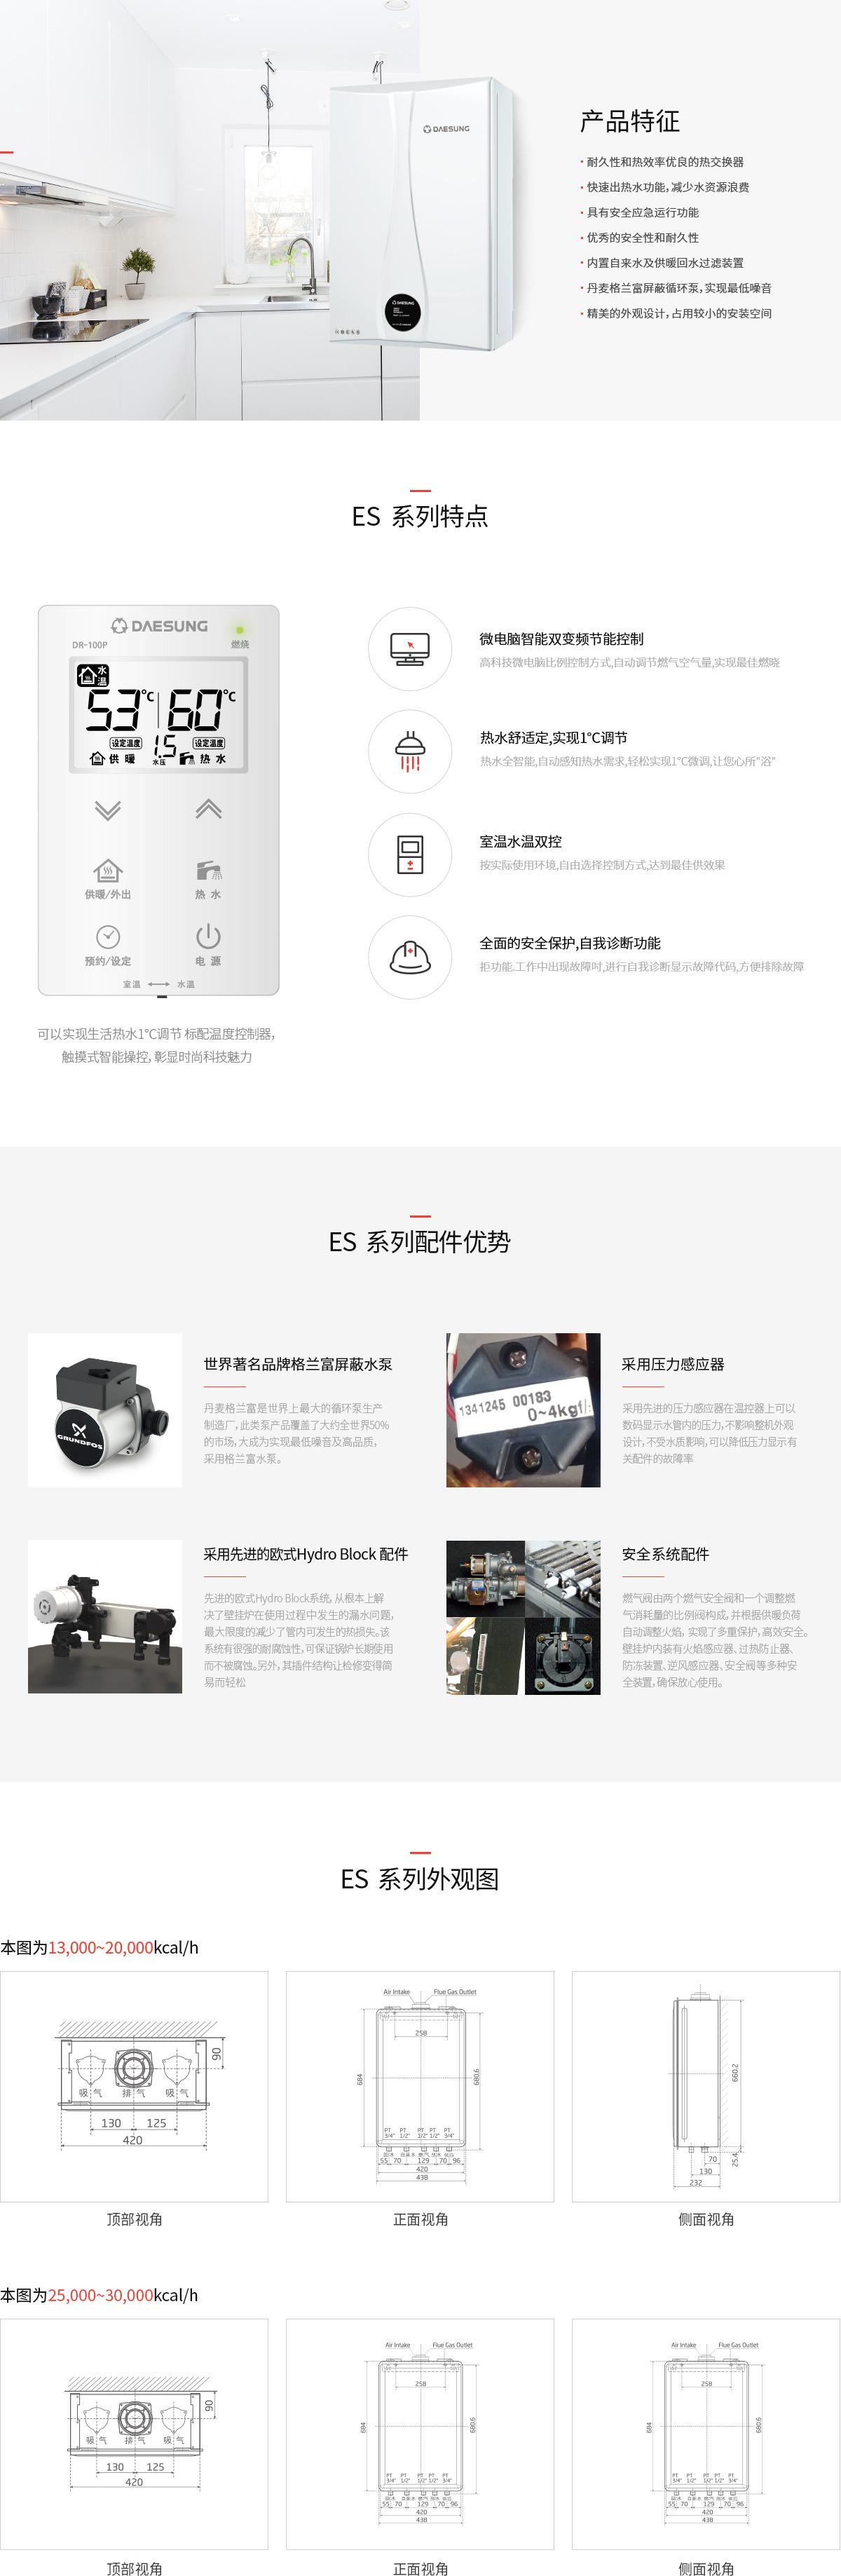 ES_detail.jpg